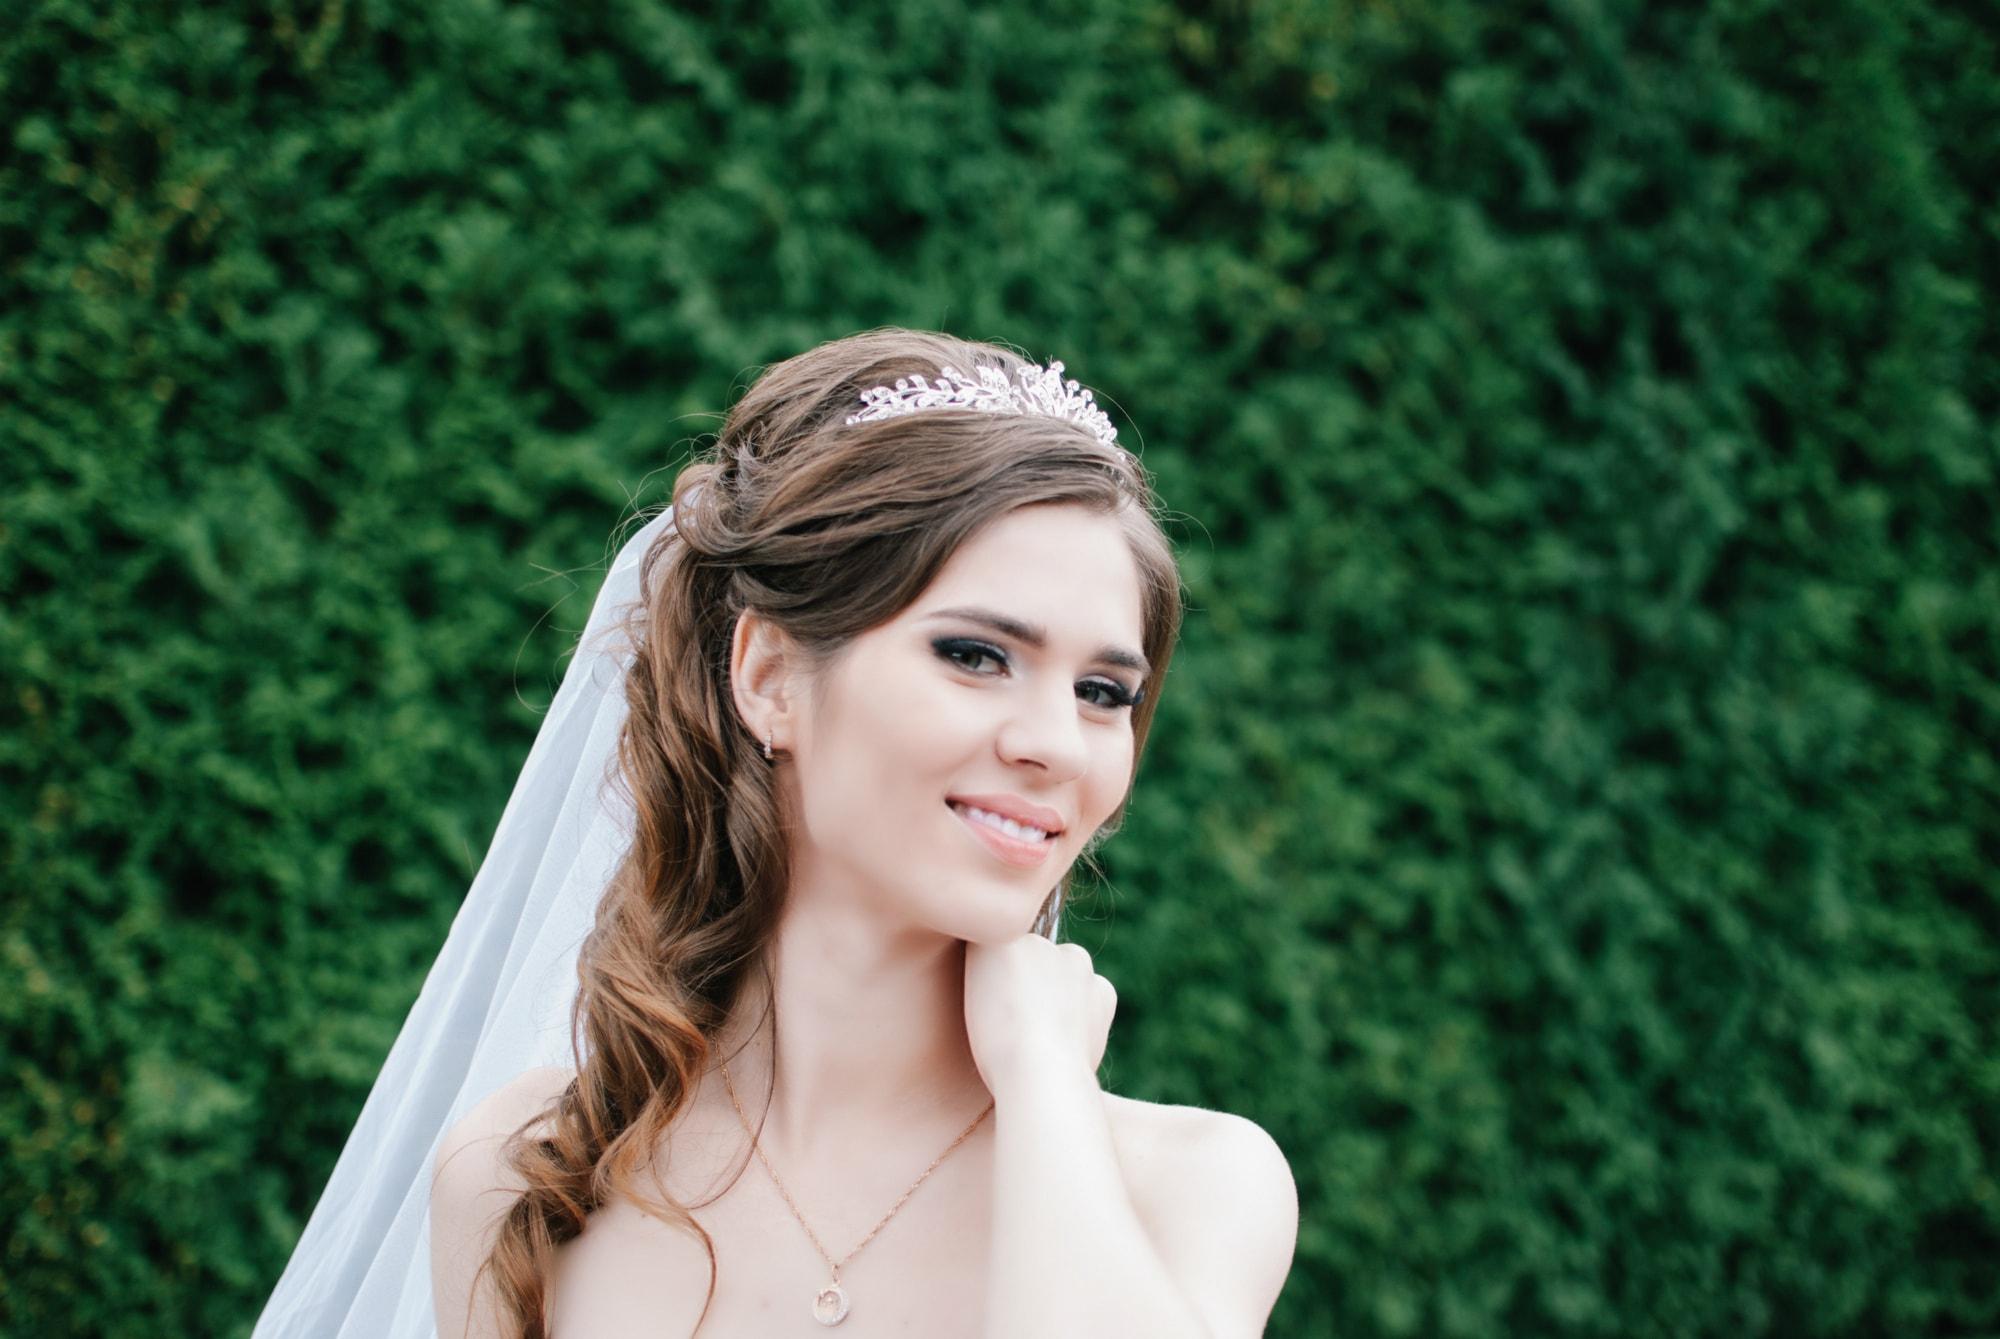 Фото счастливой девушки - Фотограф Киев - Женя Лайт